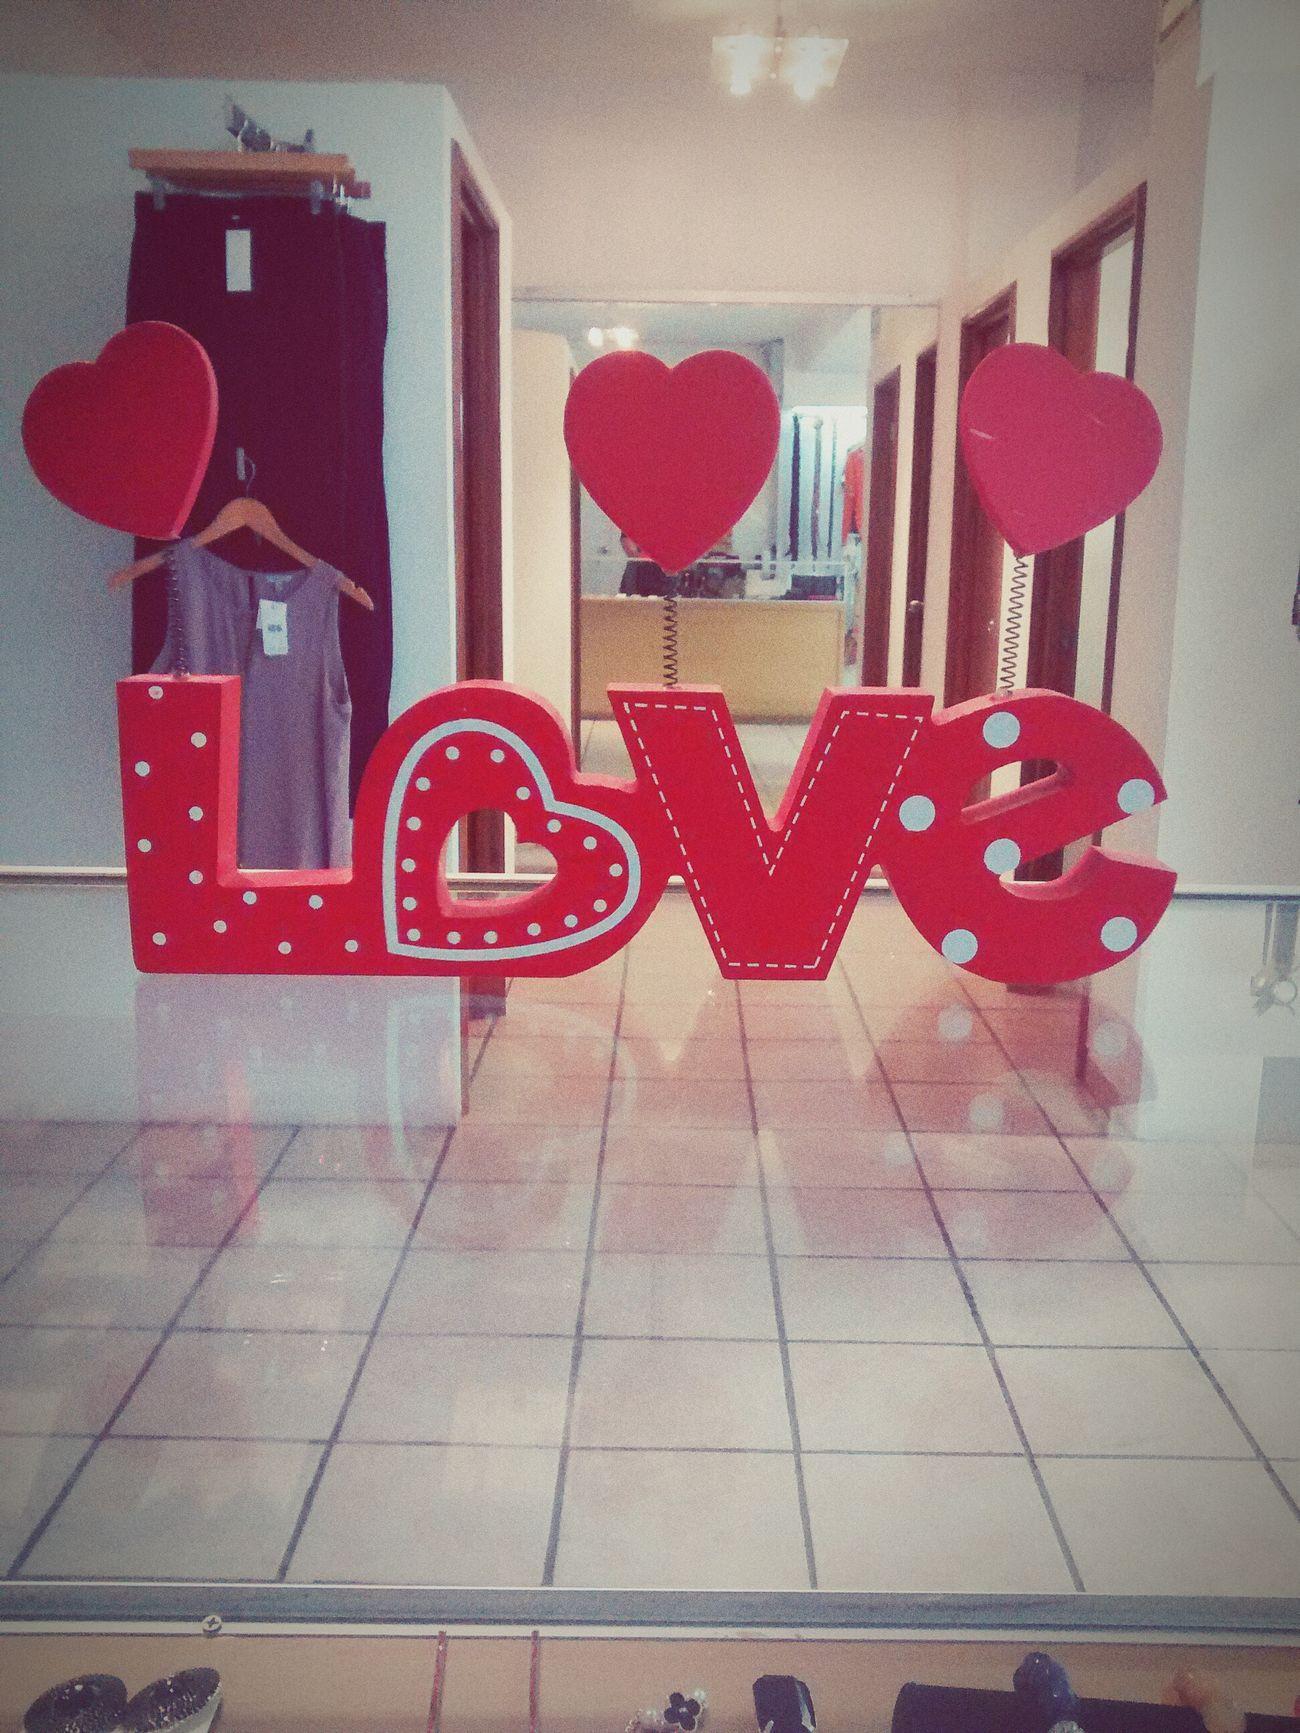 Nanana Awesome IloveIT ♡ Thinking Aboutyou Happylife AddictedToYou Mylife ♡ Iwantyou Heart